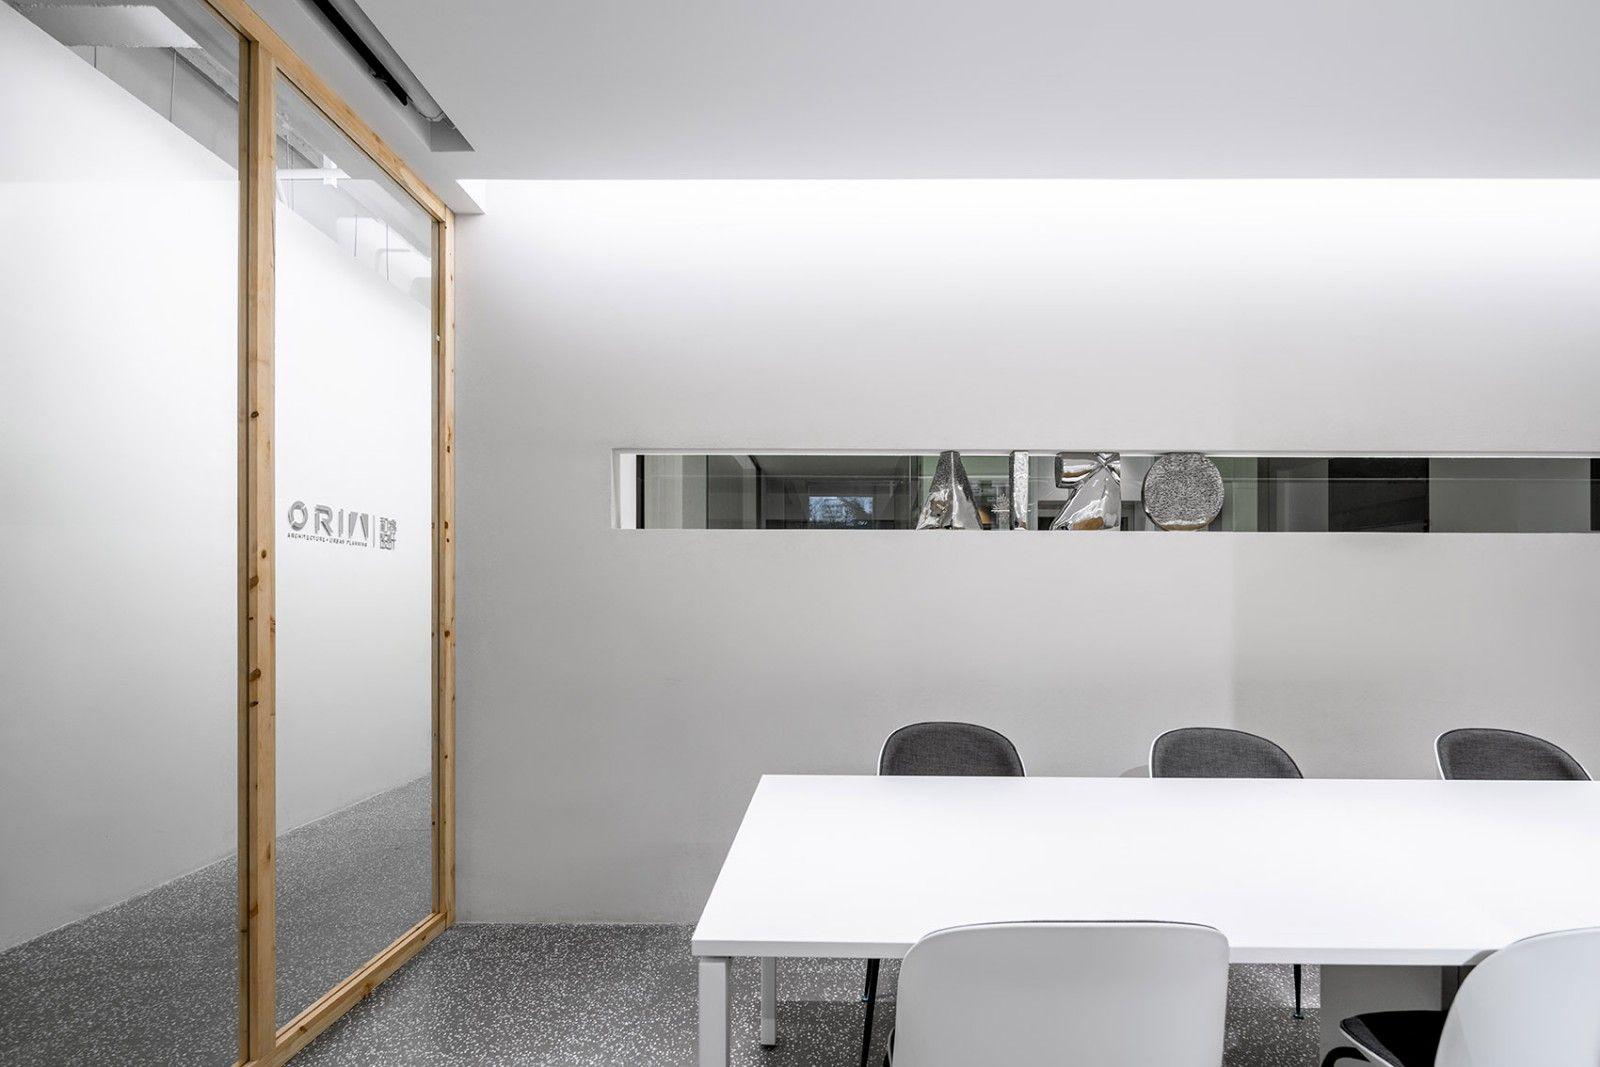 上海华山路ORIA办公室 / 上海和睿规划建筑设计有限公司